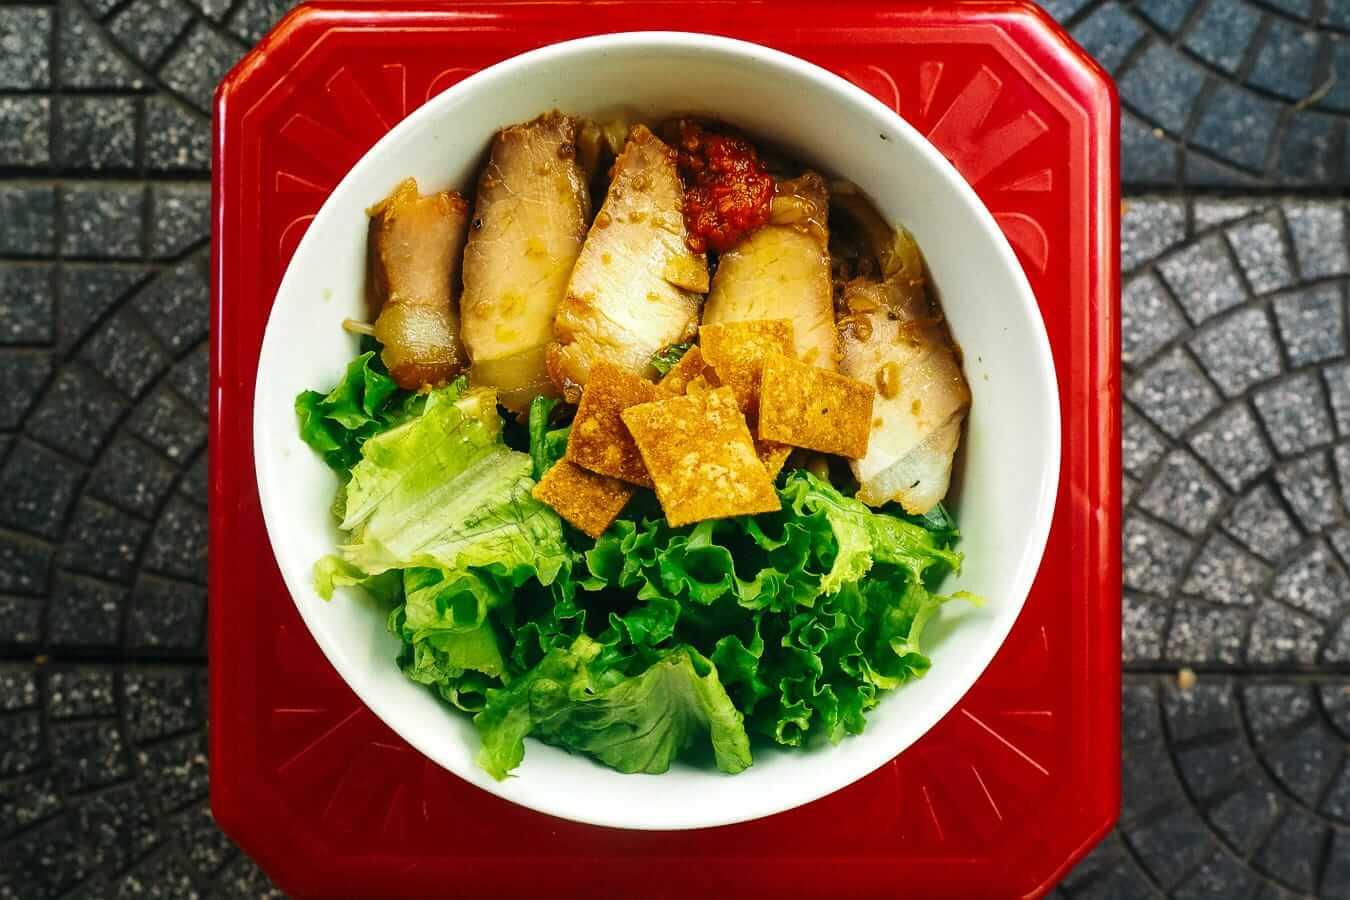 Cau Lau: Hoi An specialities